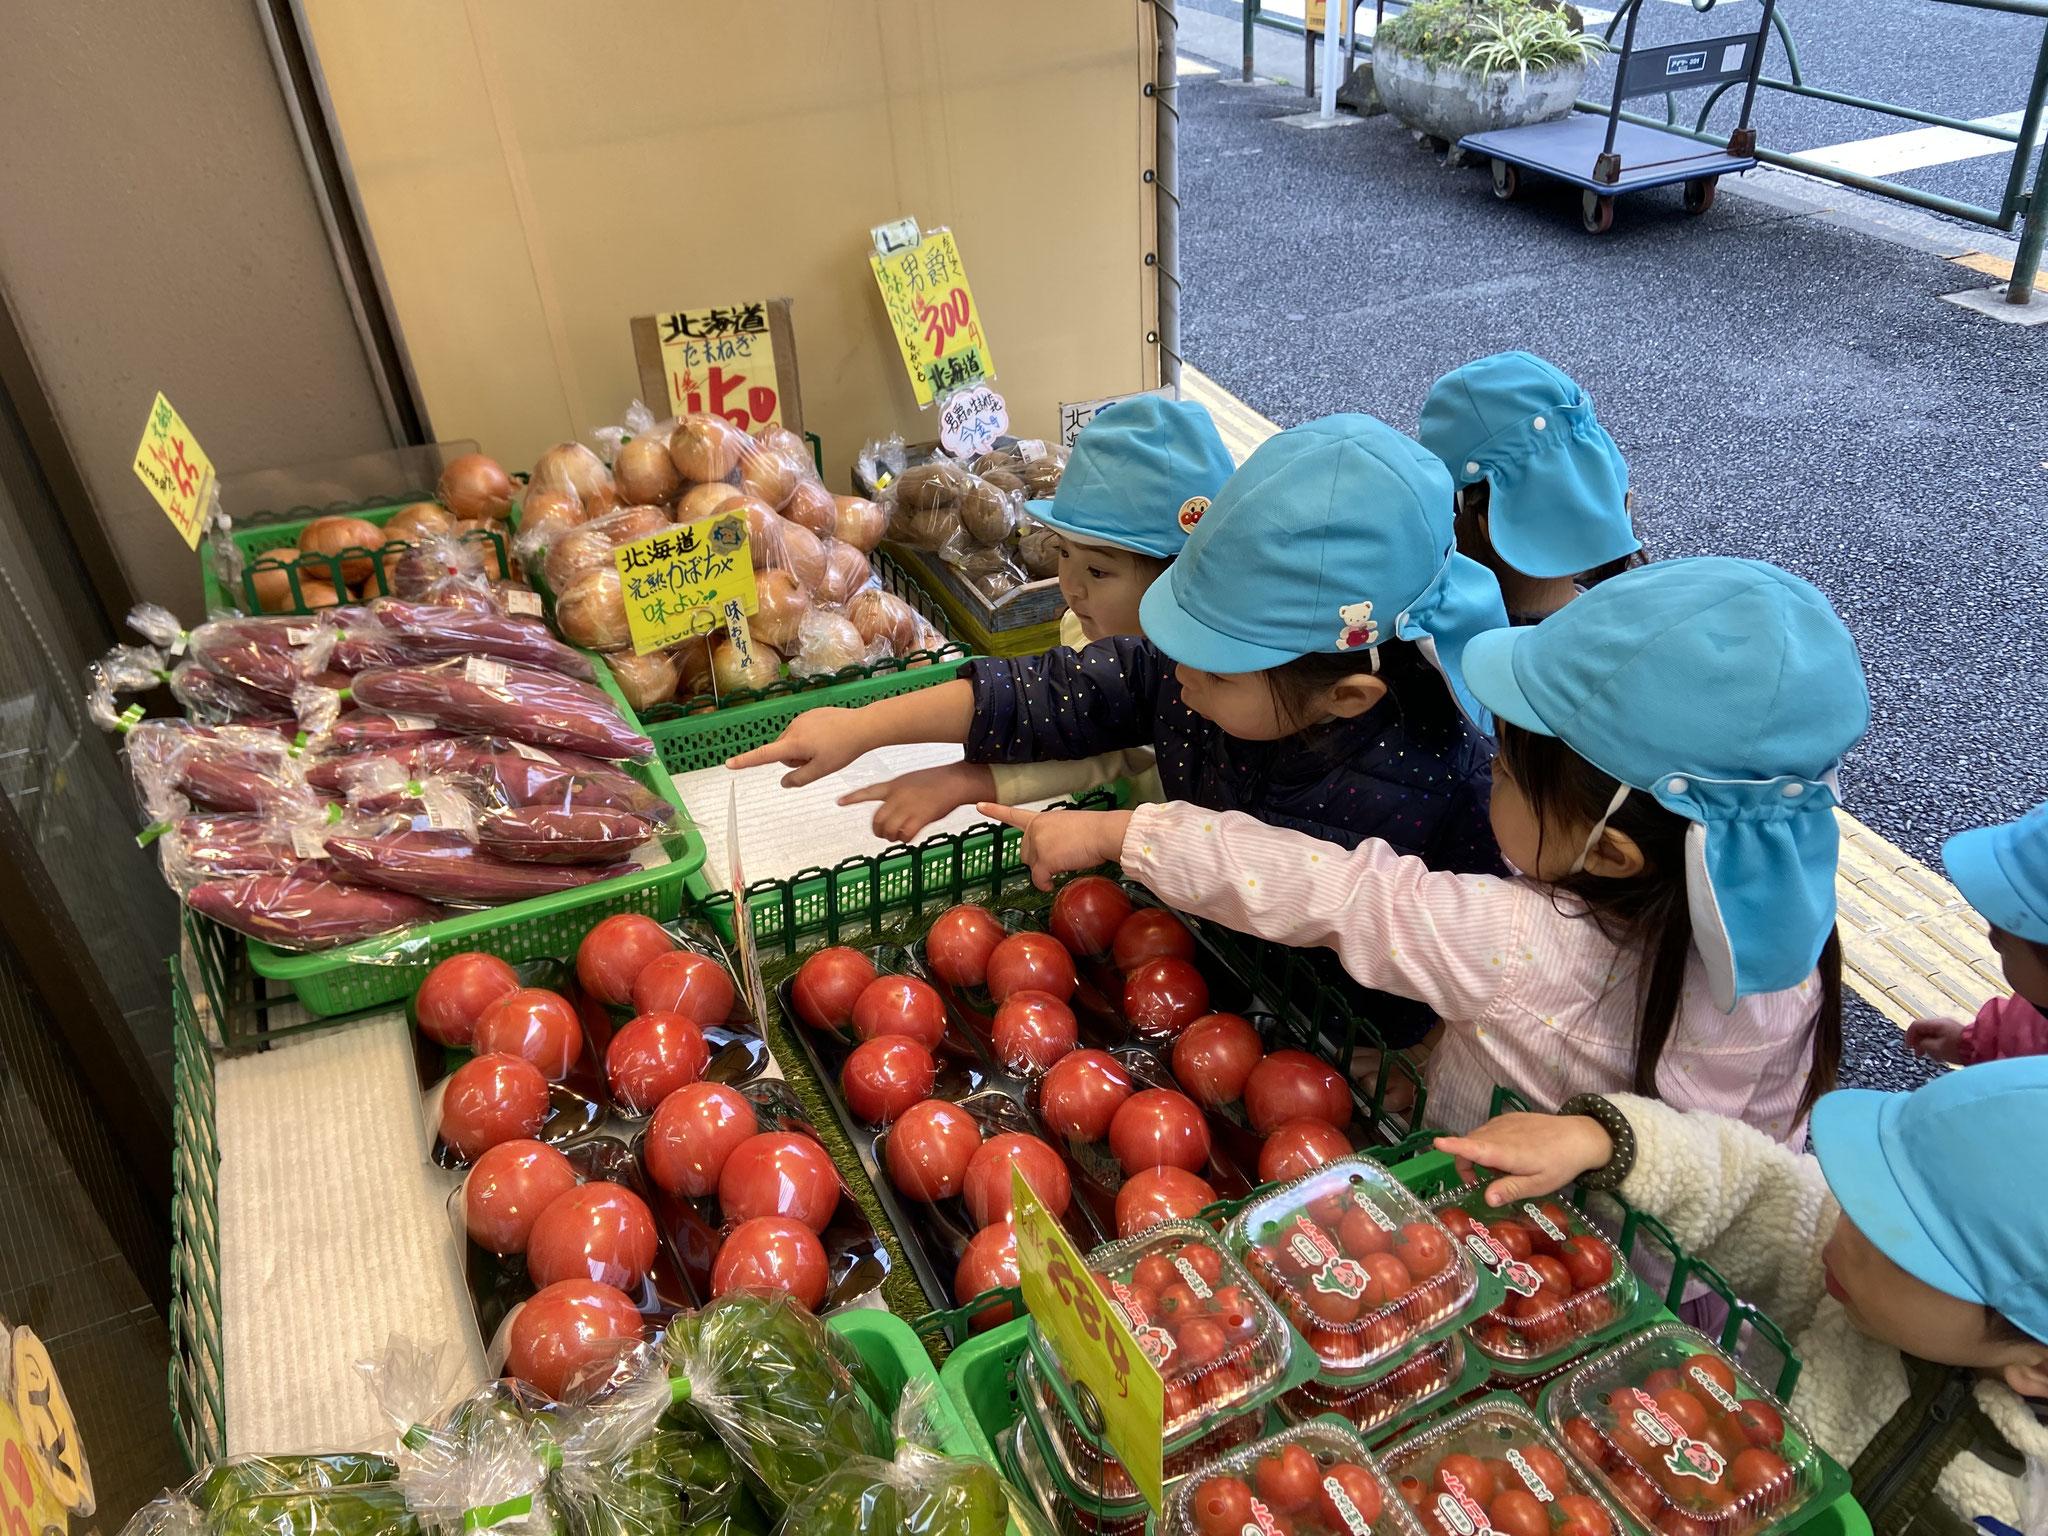 2歳クラスのお友だちはお買い物に来ましたよ! 美味しそうなお野菜がたくさん! 今日はさつま芋を買いますよ~。